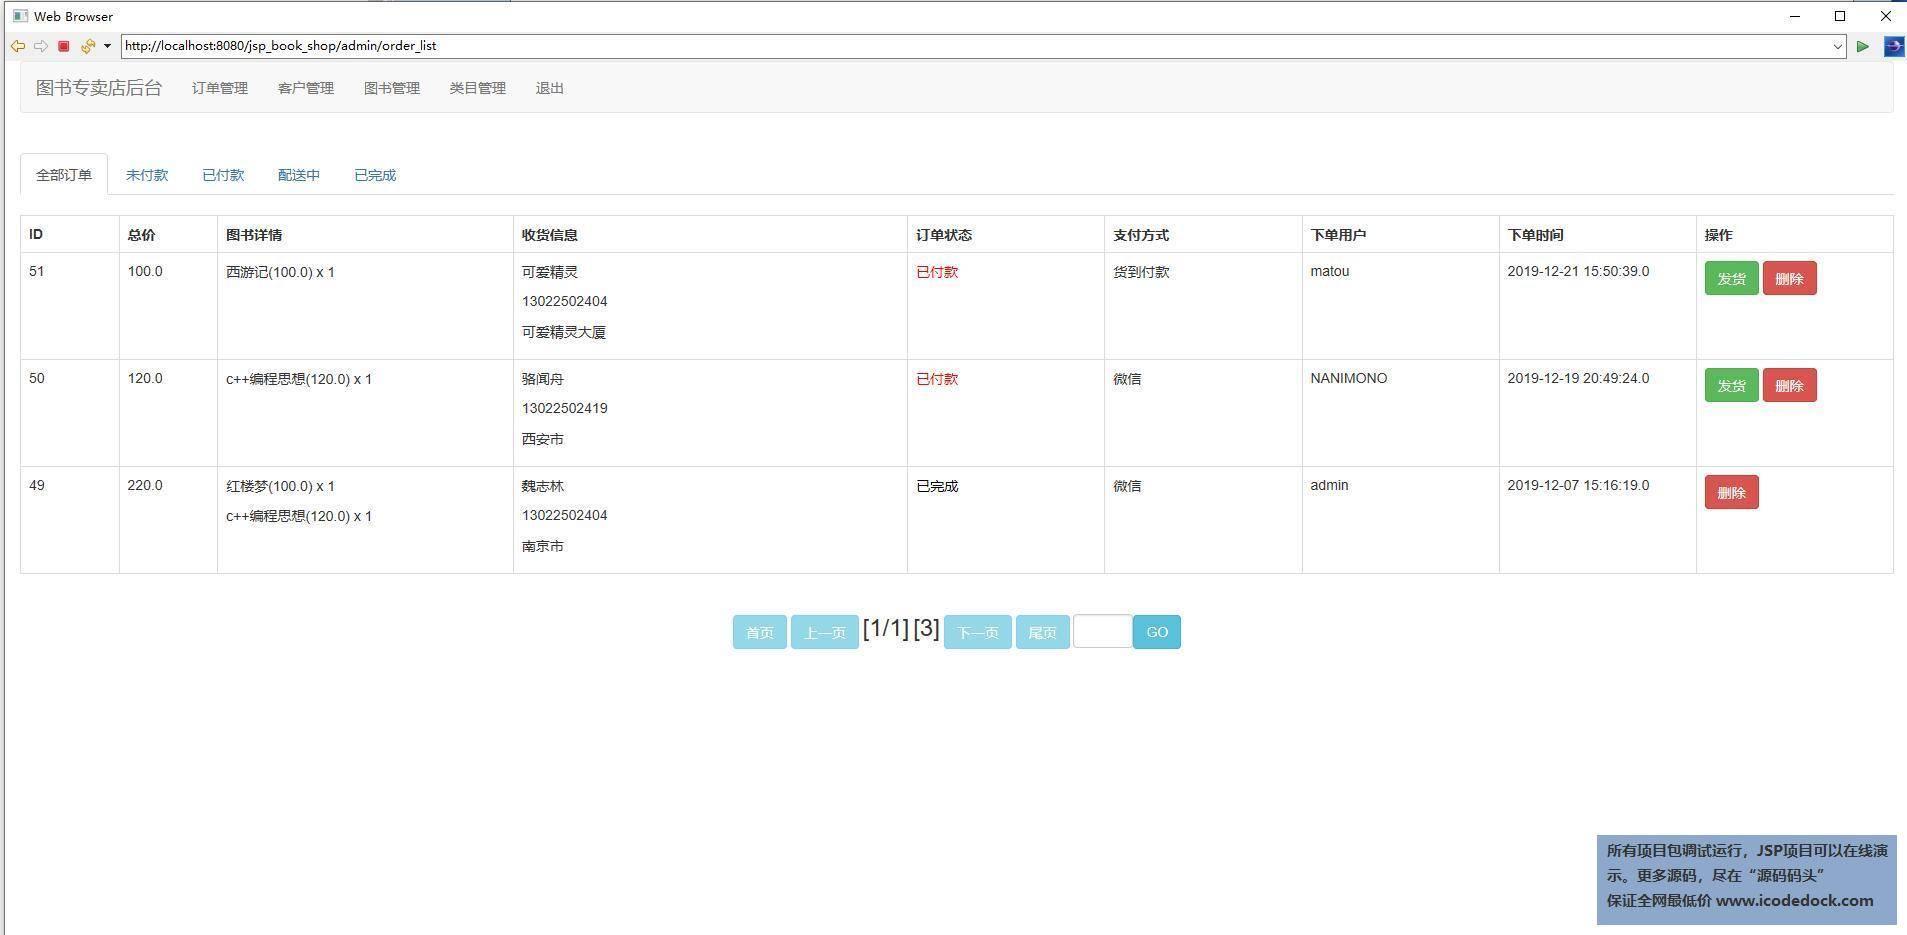 源码码头-JSP图书商城项目管理系统-管理员角色-订单管理